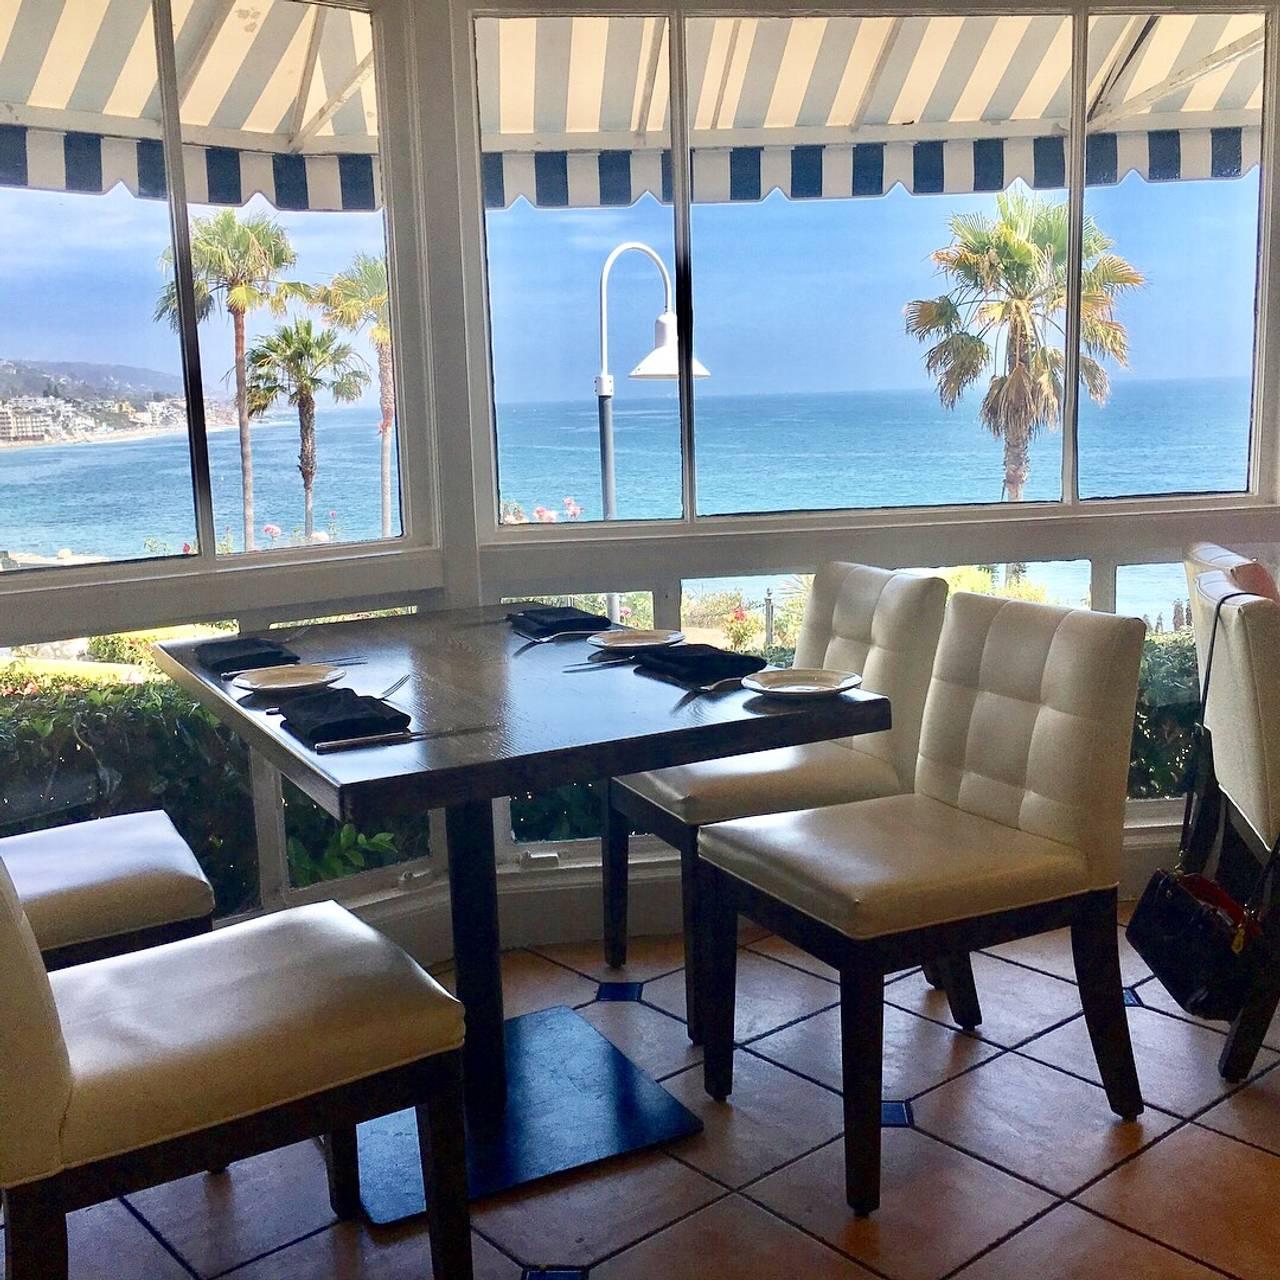 Las Brisas Restaurant Laguna Beach Ca Opentable